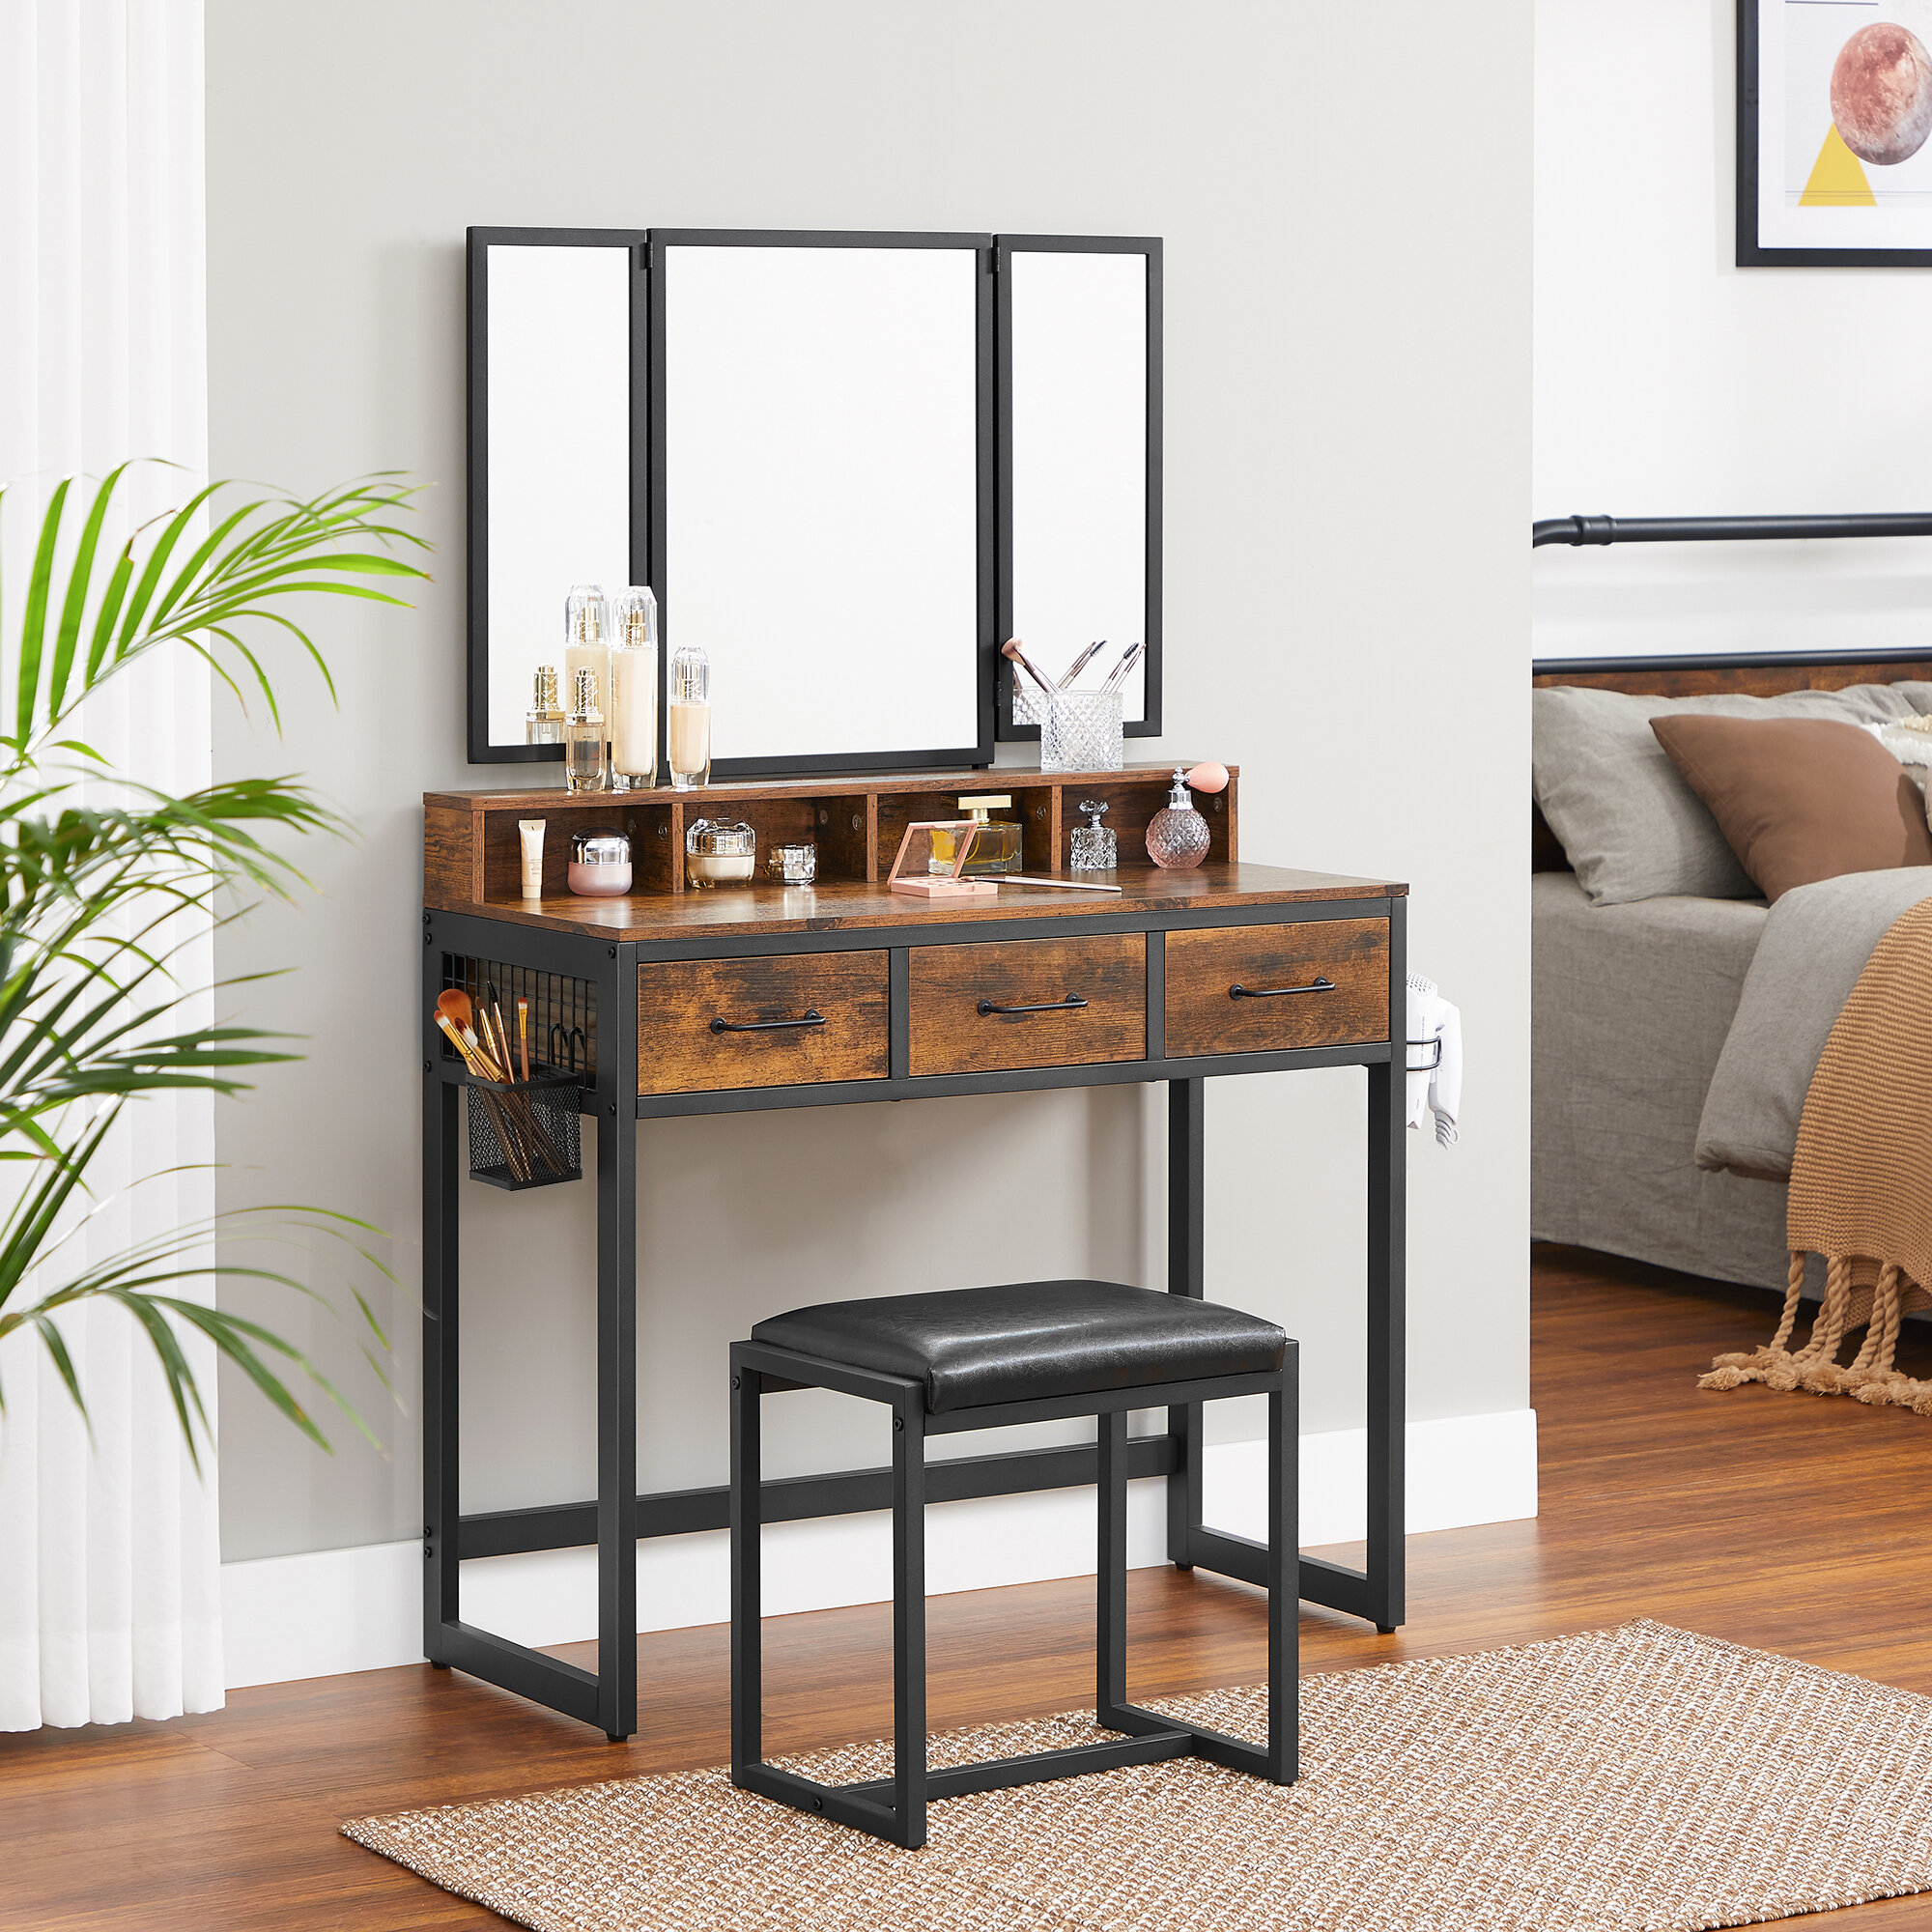 4er set meubles poignées pretty